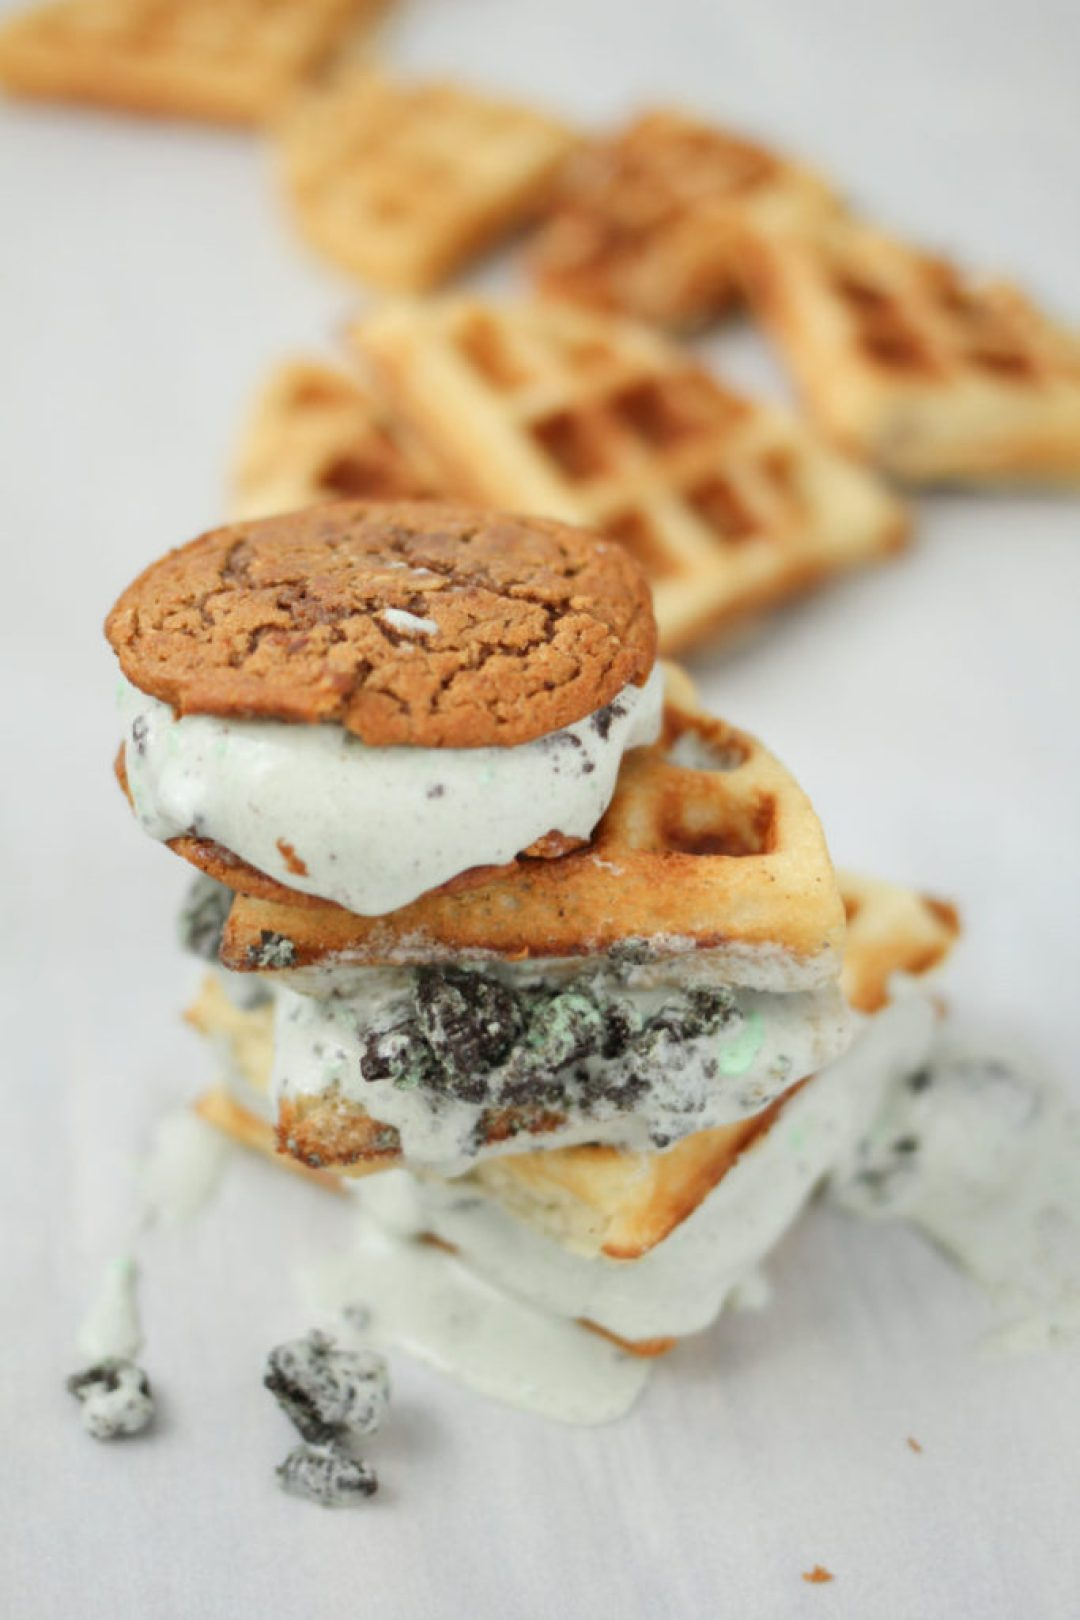 Mint Cookies and Cream Ice Cream